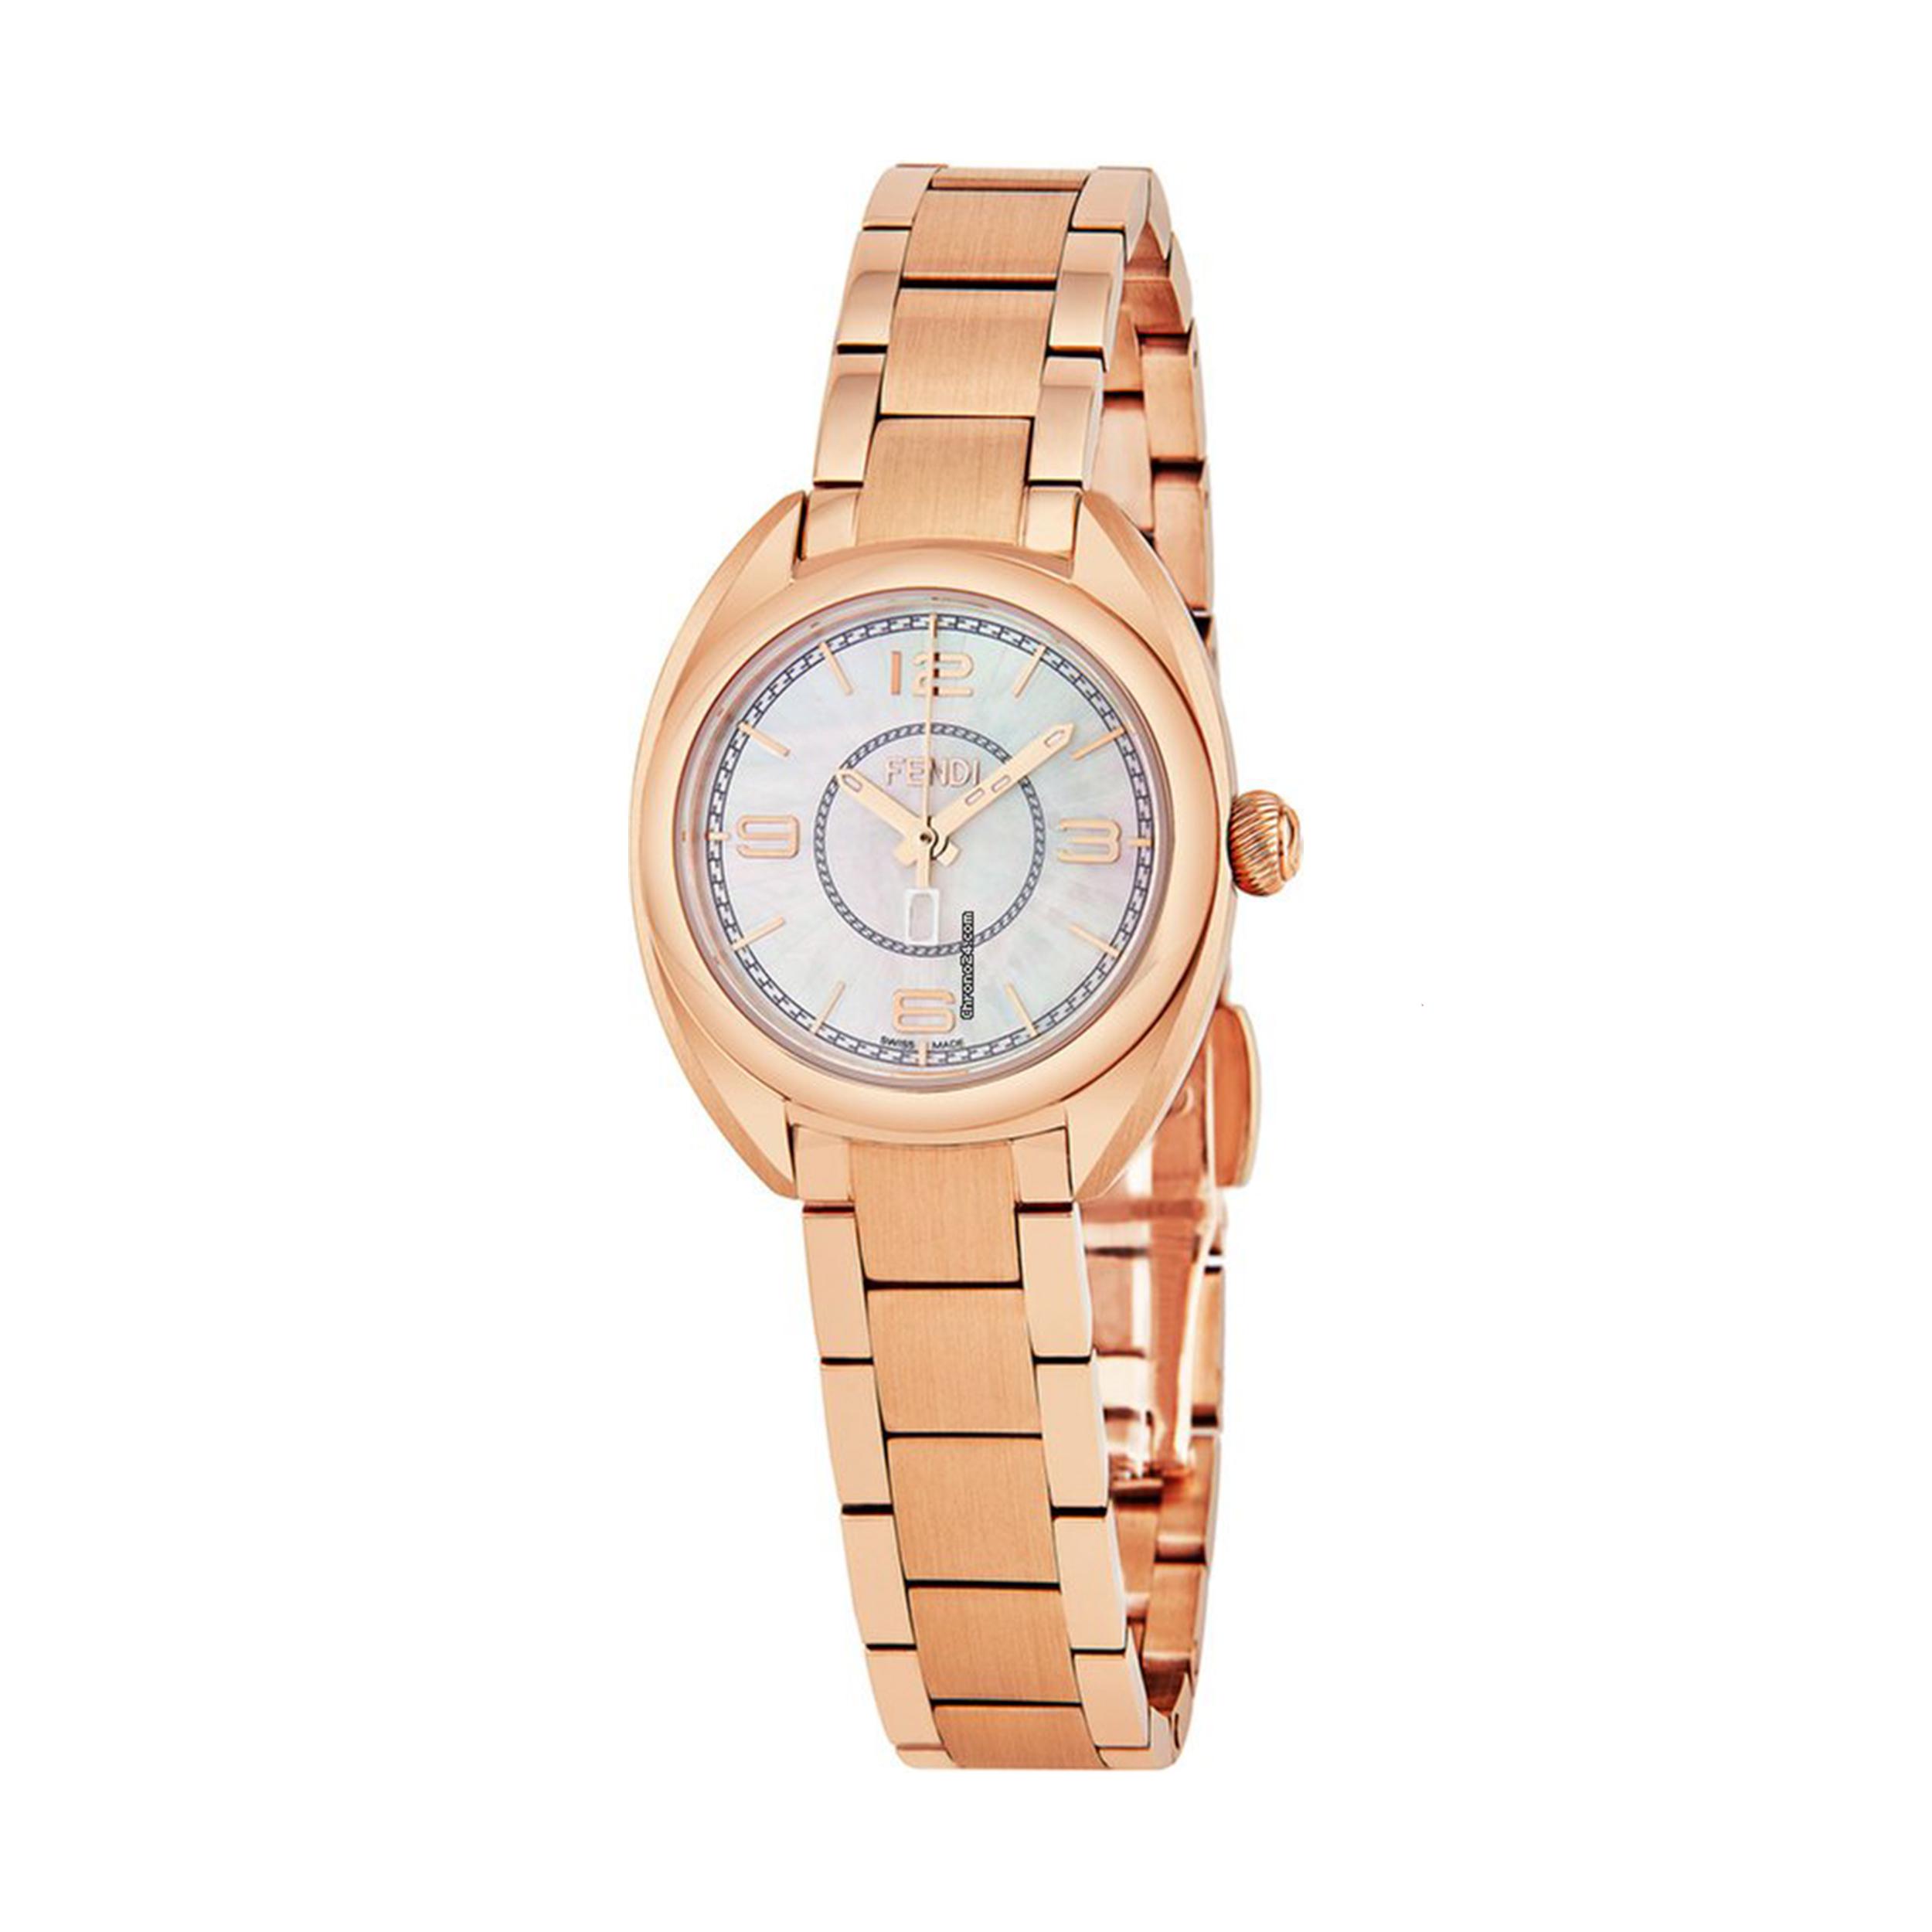 خرید ساعت مچی عقربه ای زنانه فندی مدل F218524500